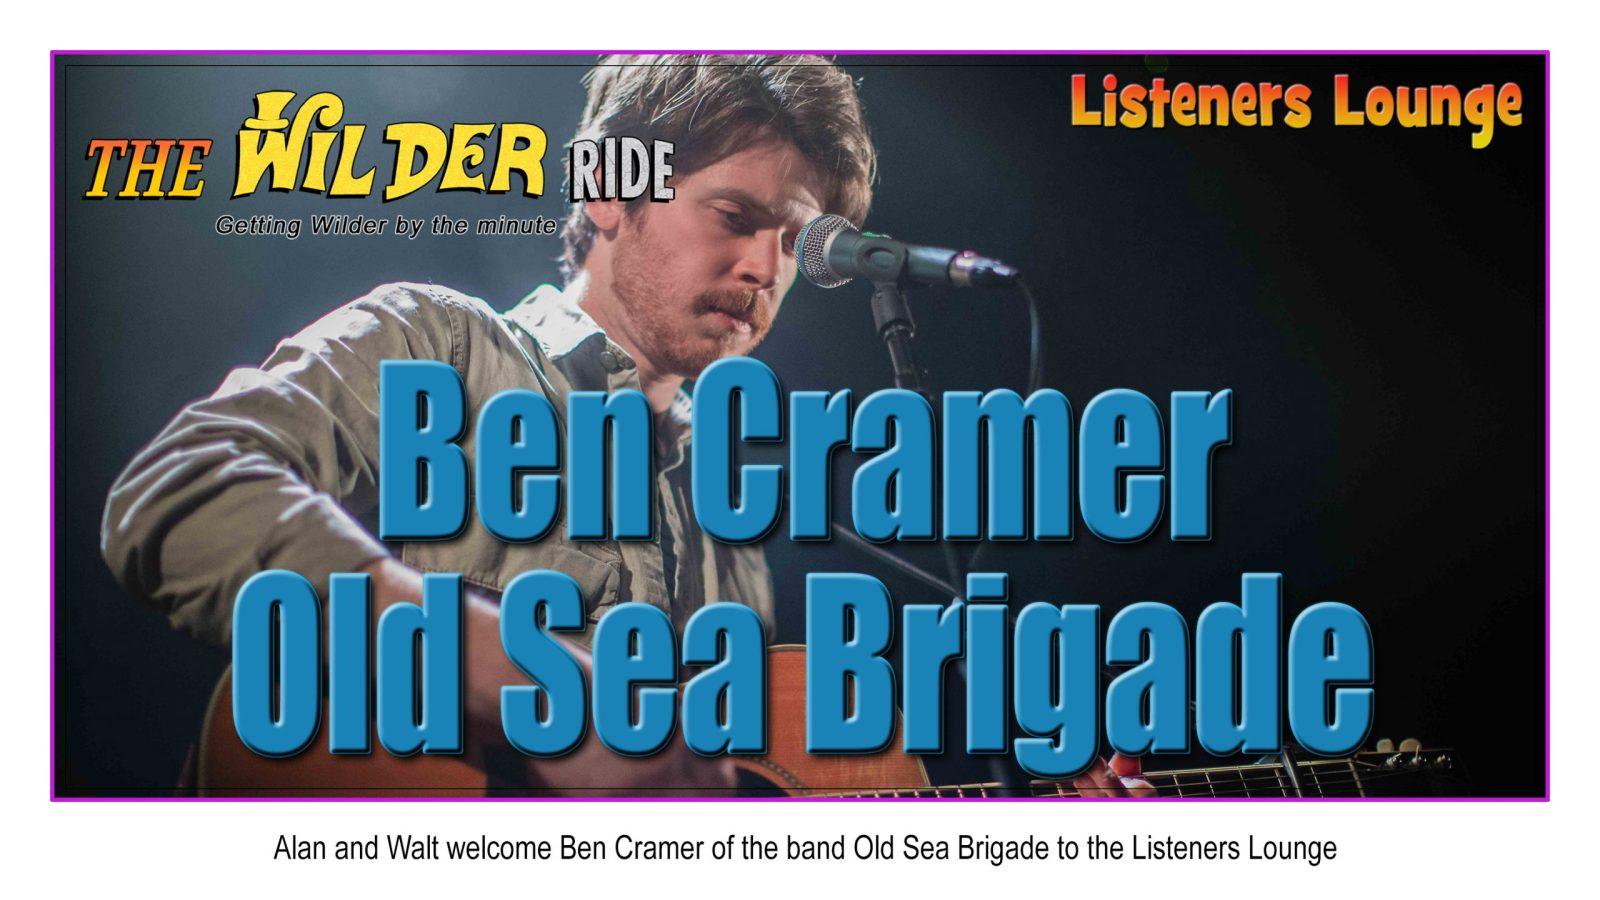 Old Sea Brigade